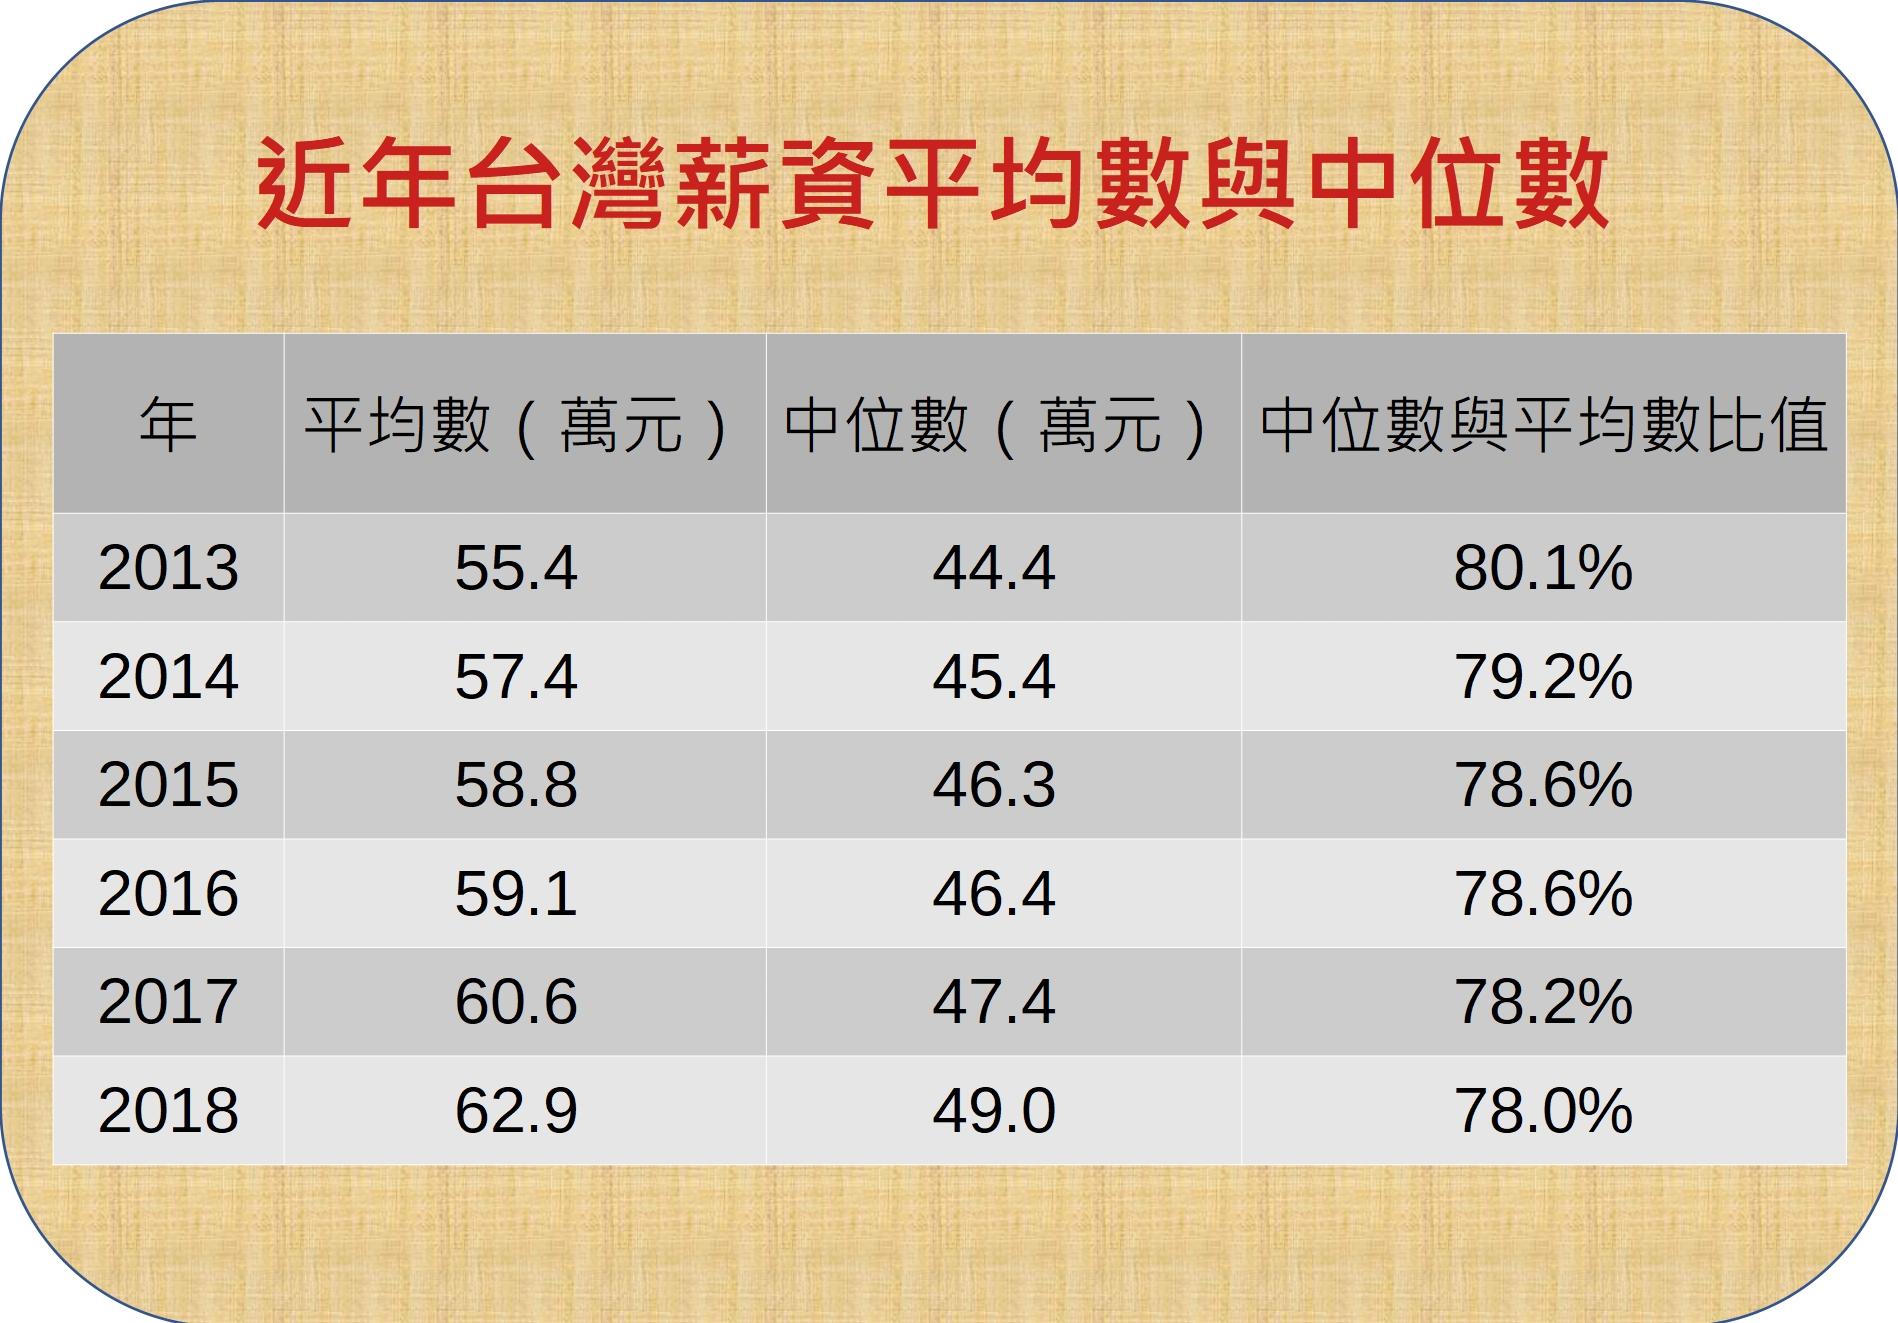 資料來源:行政院主計總處「107年工業及服務業受僱員工全年總薪資中位數及分布統計結果」